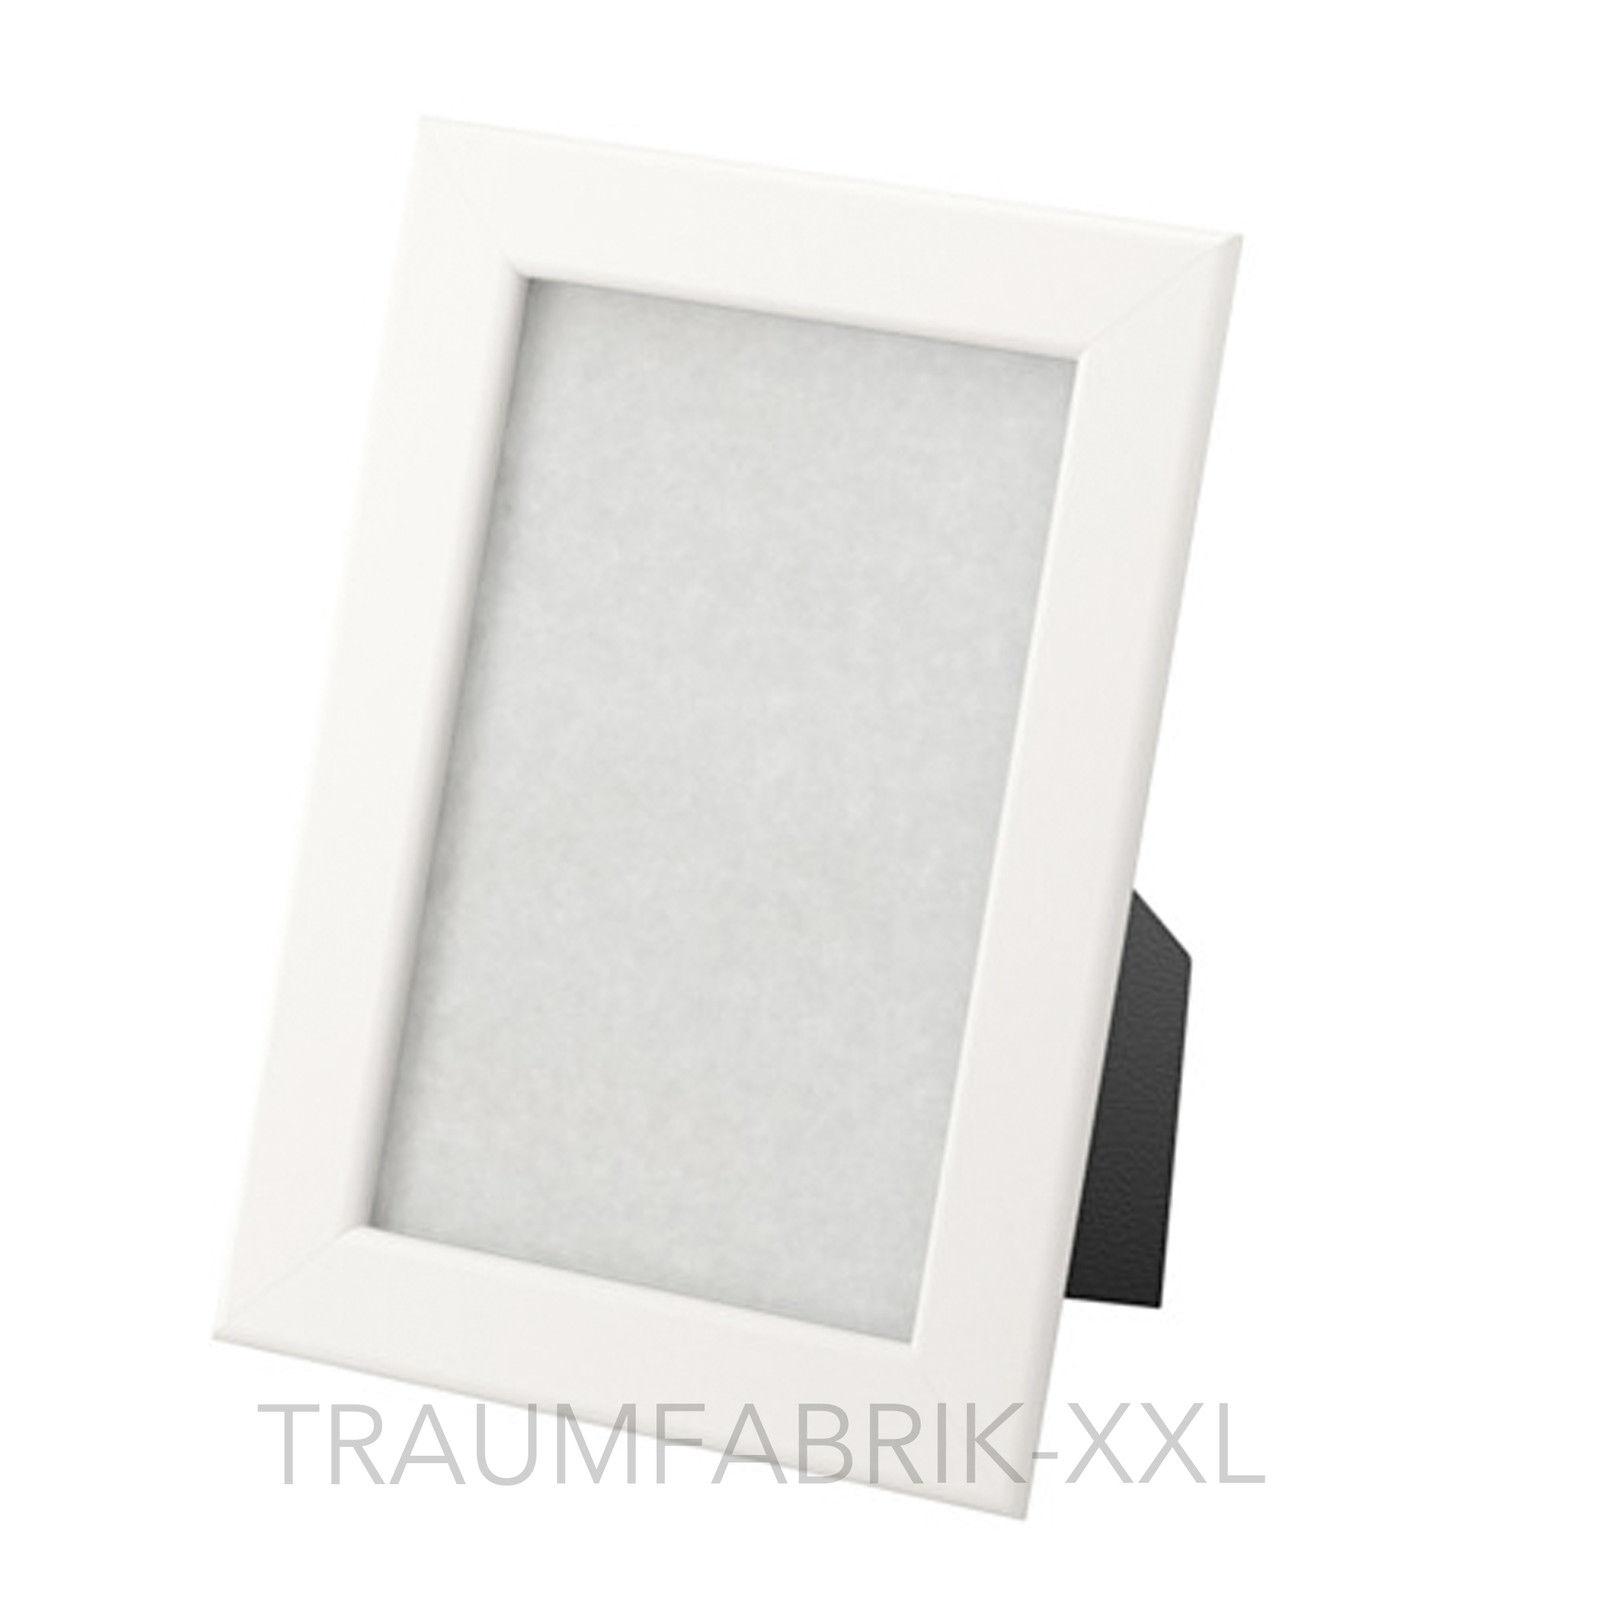 5 Stück IKEA FISKBO Rahmen Set 10x15cm weiß Bilderrahmen Fotorahmen ...